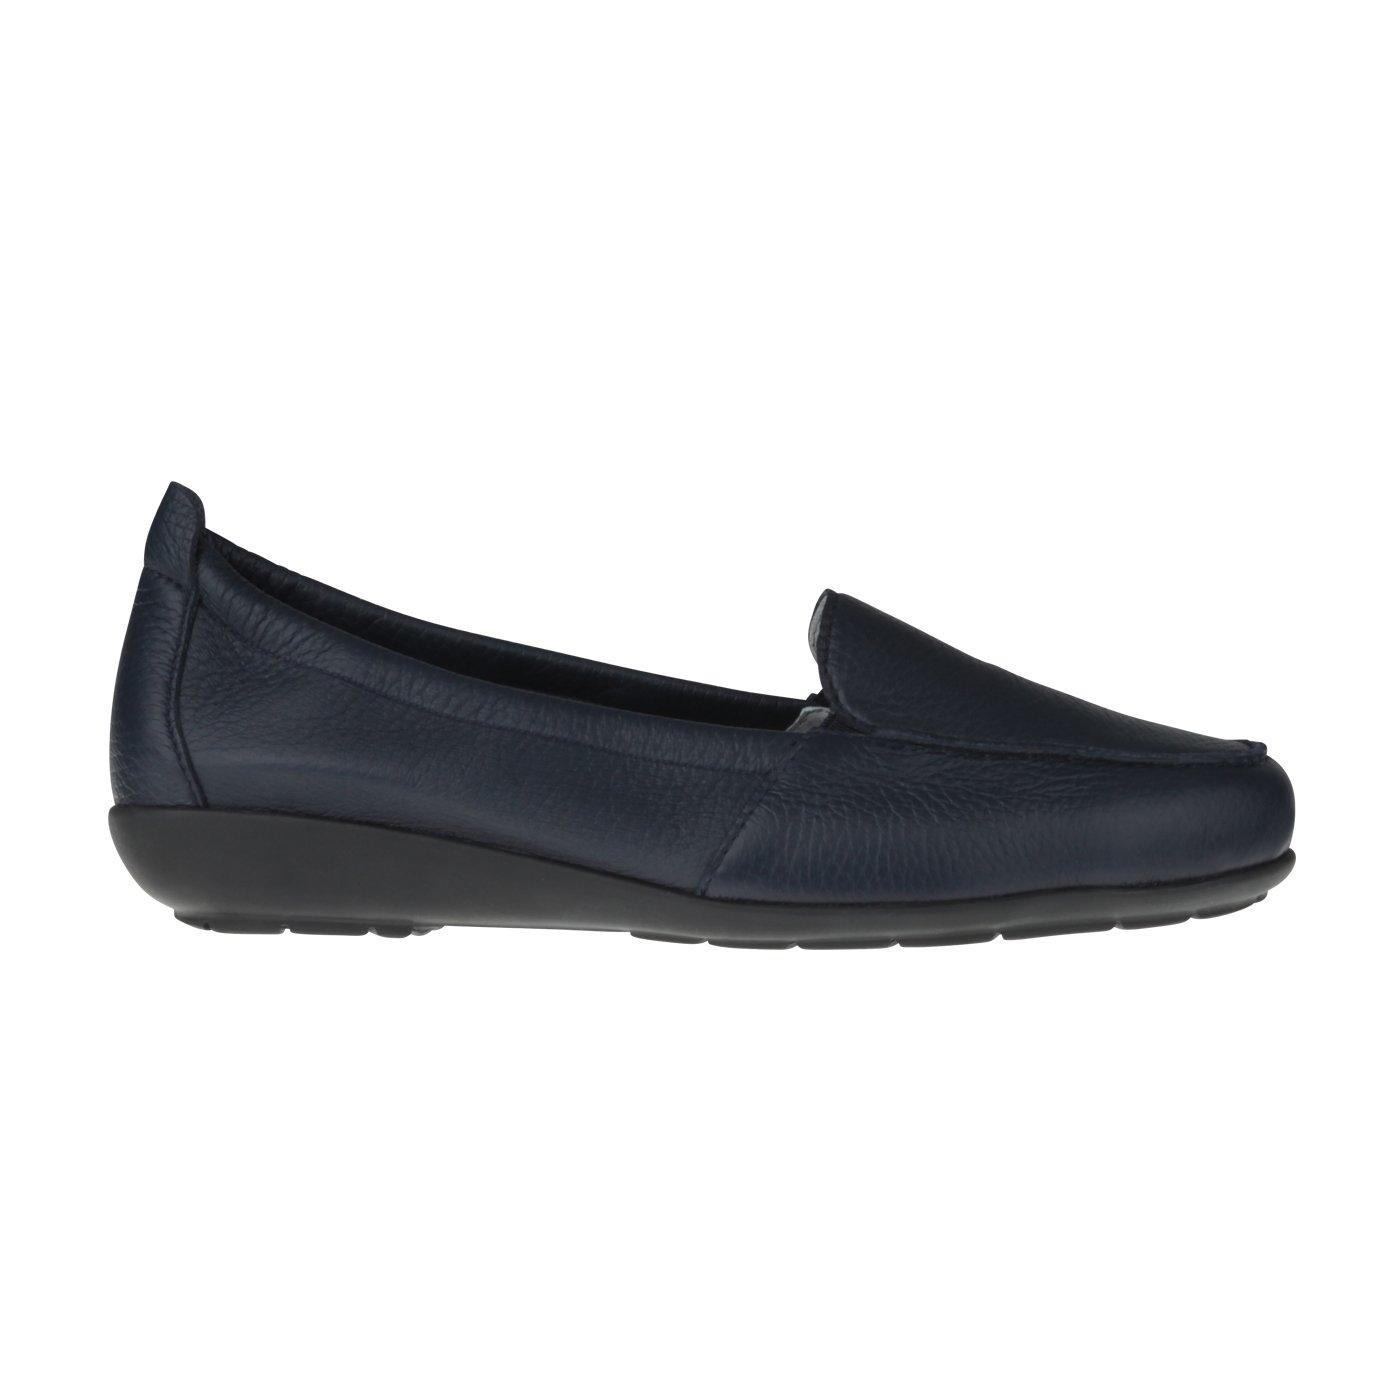 Natural Feet Tessamino Damen Mokassin Aus Hirschleder   Klassisch   Einlagen Weite H   für Einlagen   Dunkelblau 945615